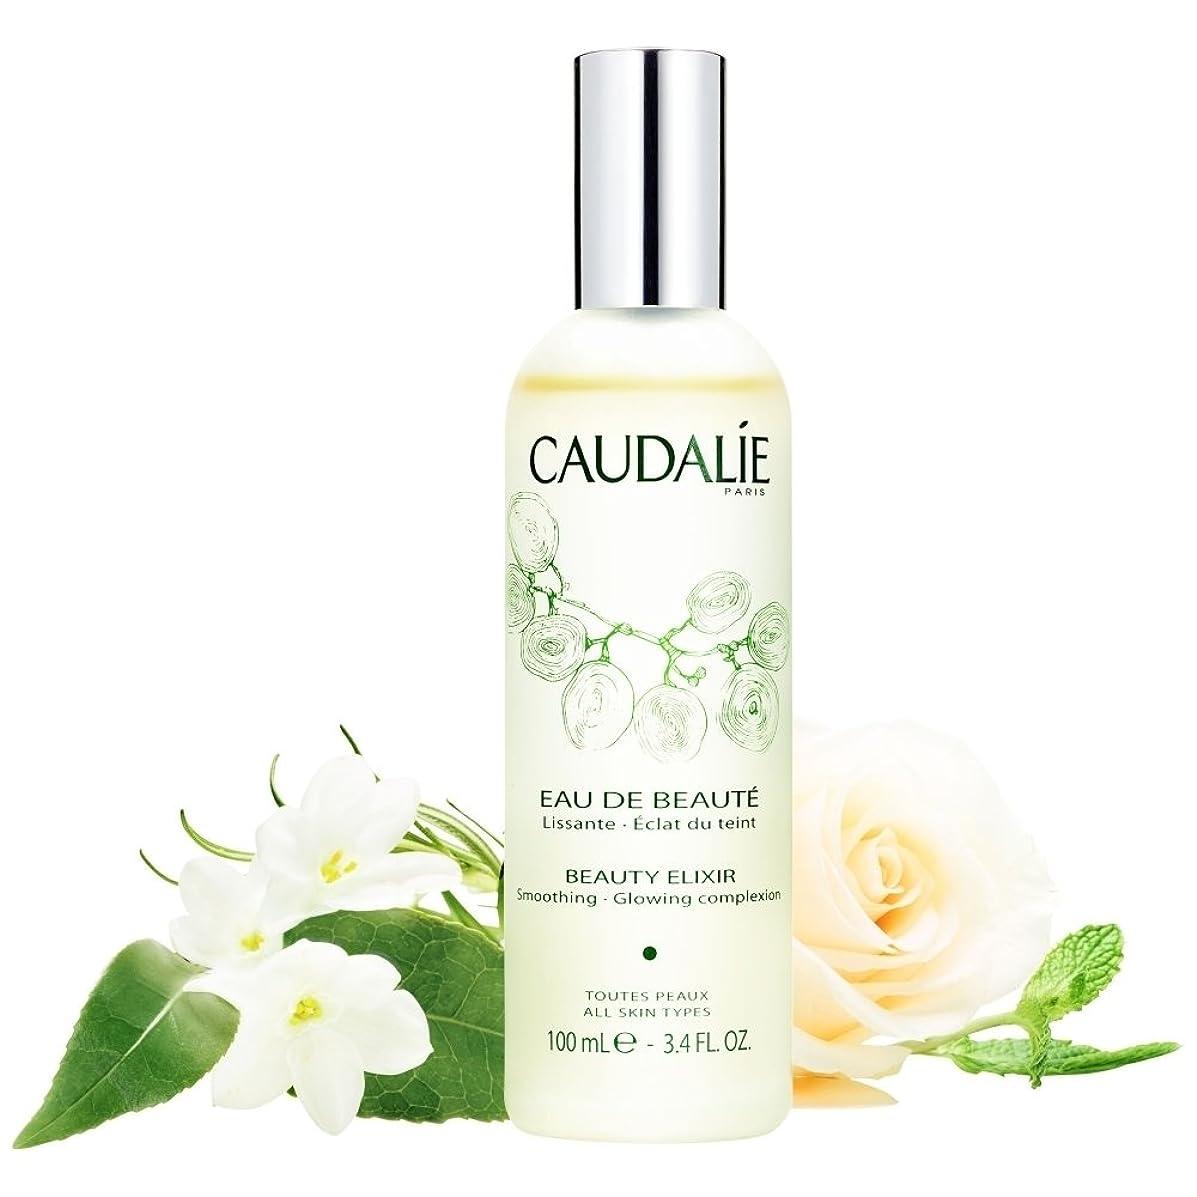 貫通するベット雄弁コーダリー美容エリキシル、100ミリリットル (Caudalie) (x6) - Caudalie Beauty Elixir, 100ml (Pack of 6) [並行輸入品]